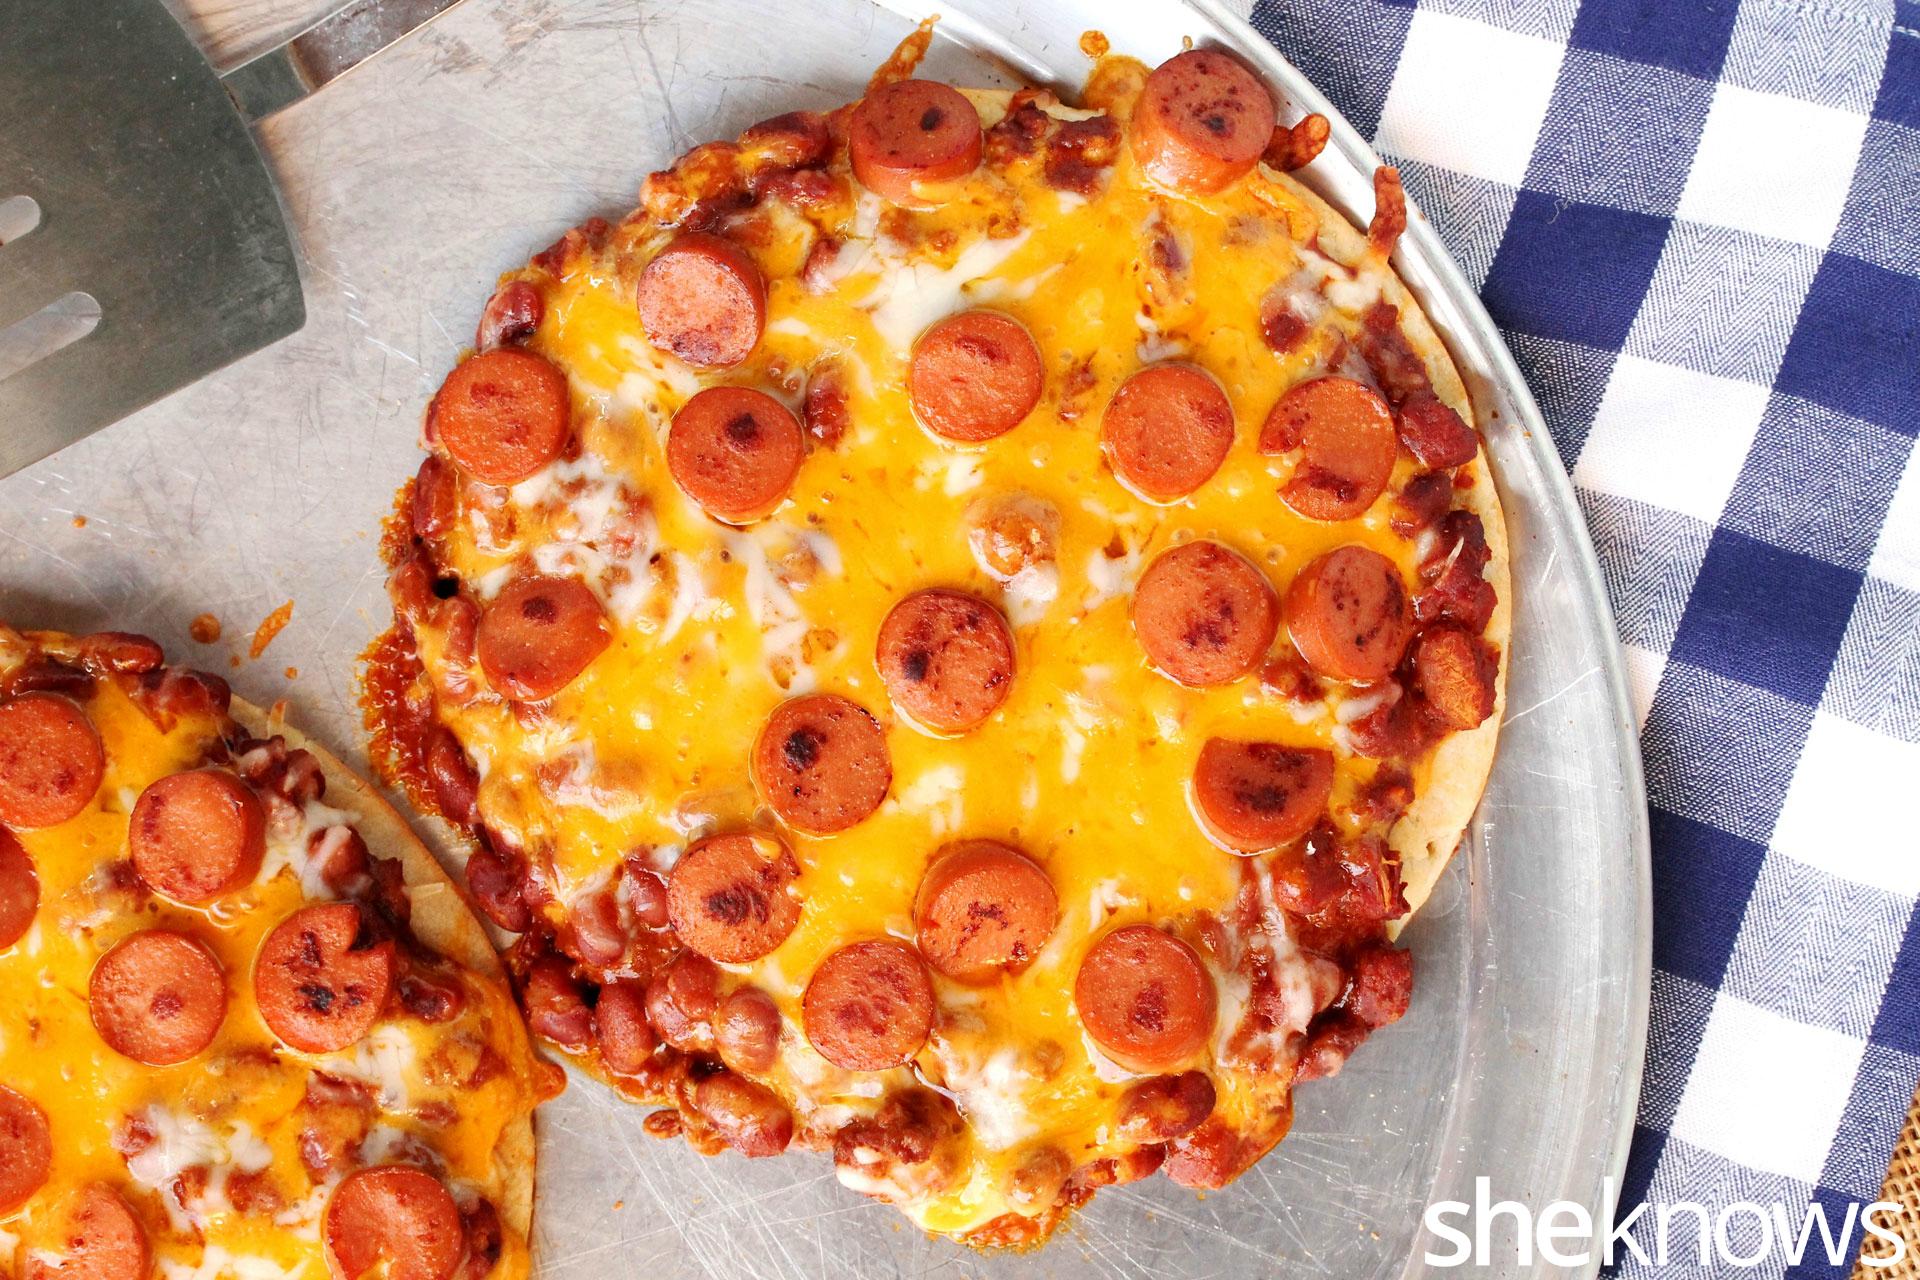 chili-dog-pizza-on-pan